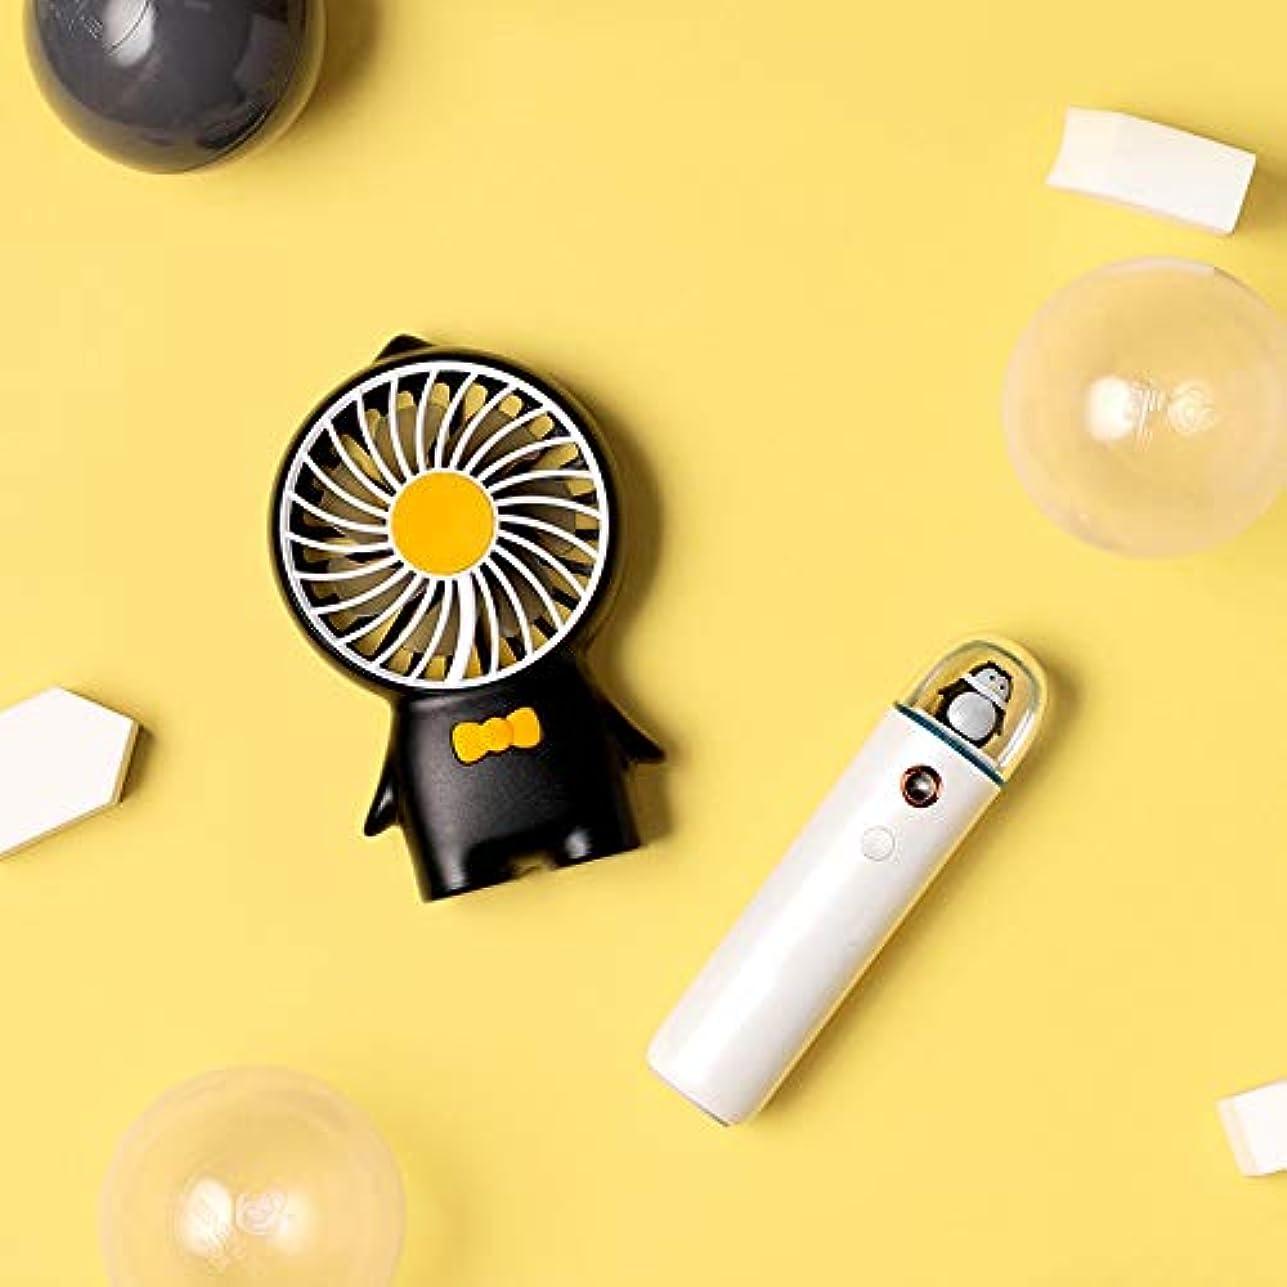 収益労苦忙しいZXF コールドスプレー水道メーターusb充電ナノスプレー小さなファン水道メーター美容機器黒モデルホワイトガールギフト用ガールフレンドセット 滑らかである (色 : Black)